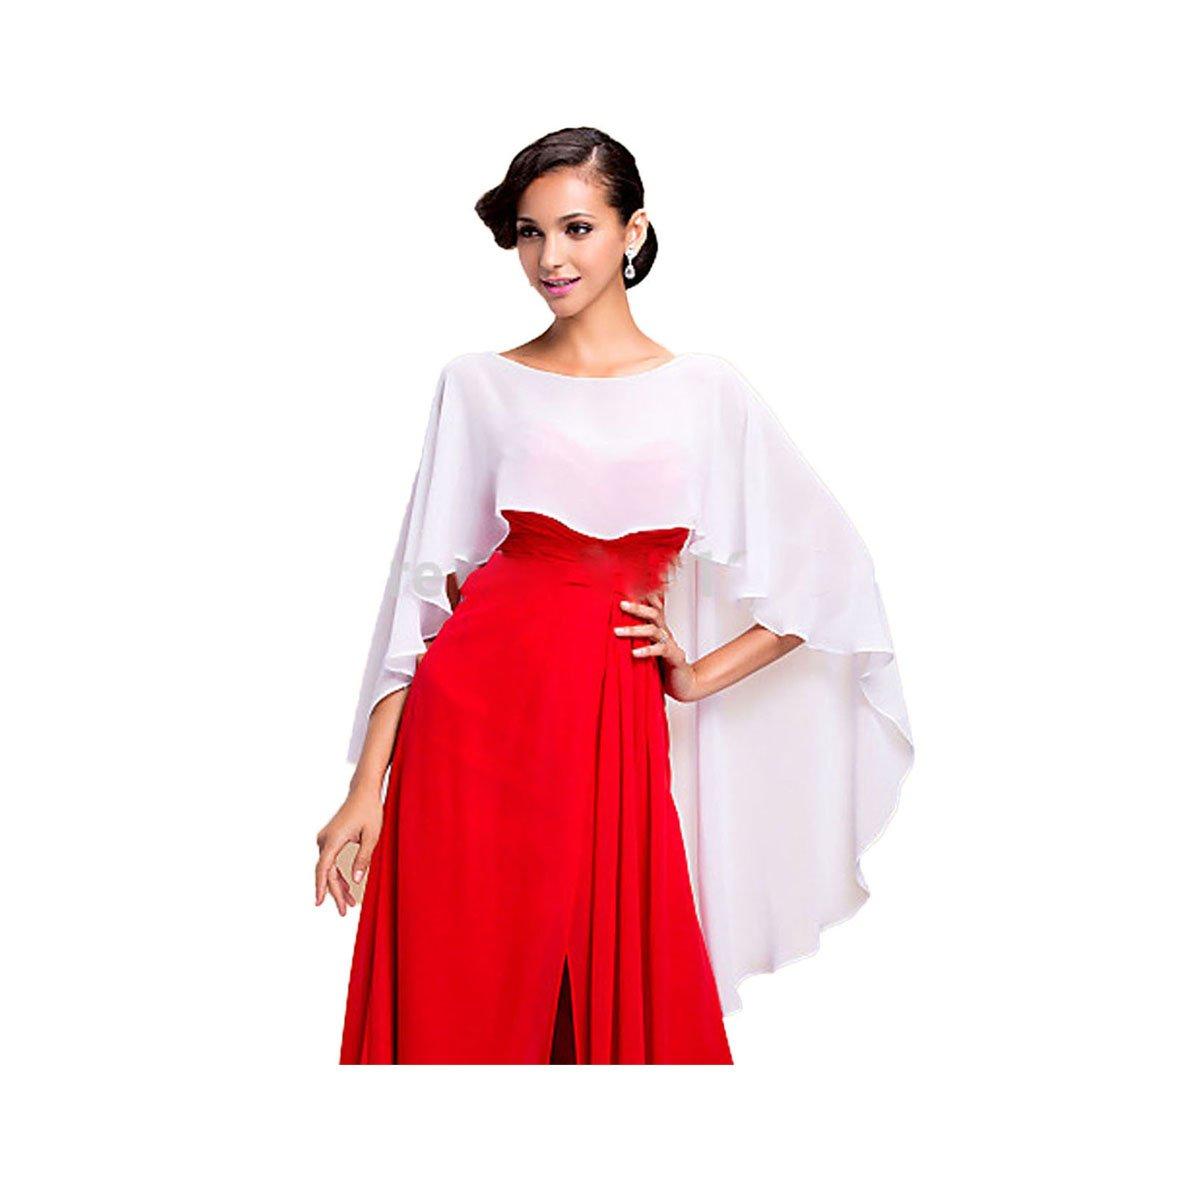 CoCogirls Chiffon Stola Schal für Kleider in verschiedenen Farben zu jedem Brautkleid - Abendkleid, Hochzeit Abend Gala Empfang Navy)